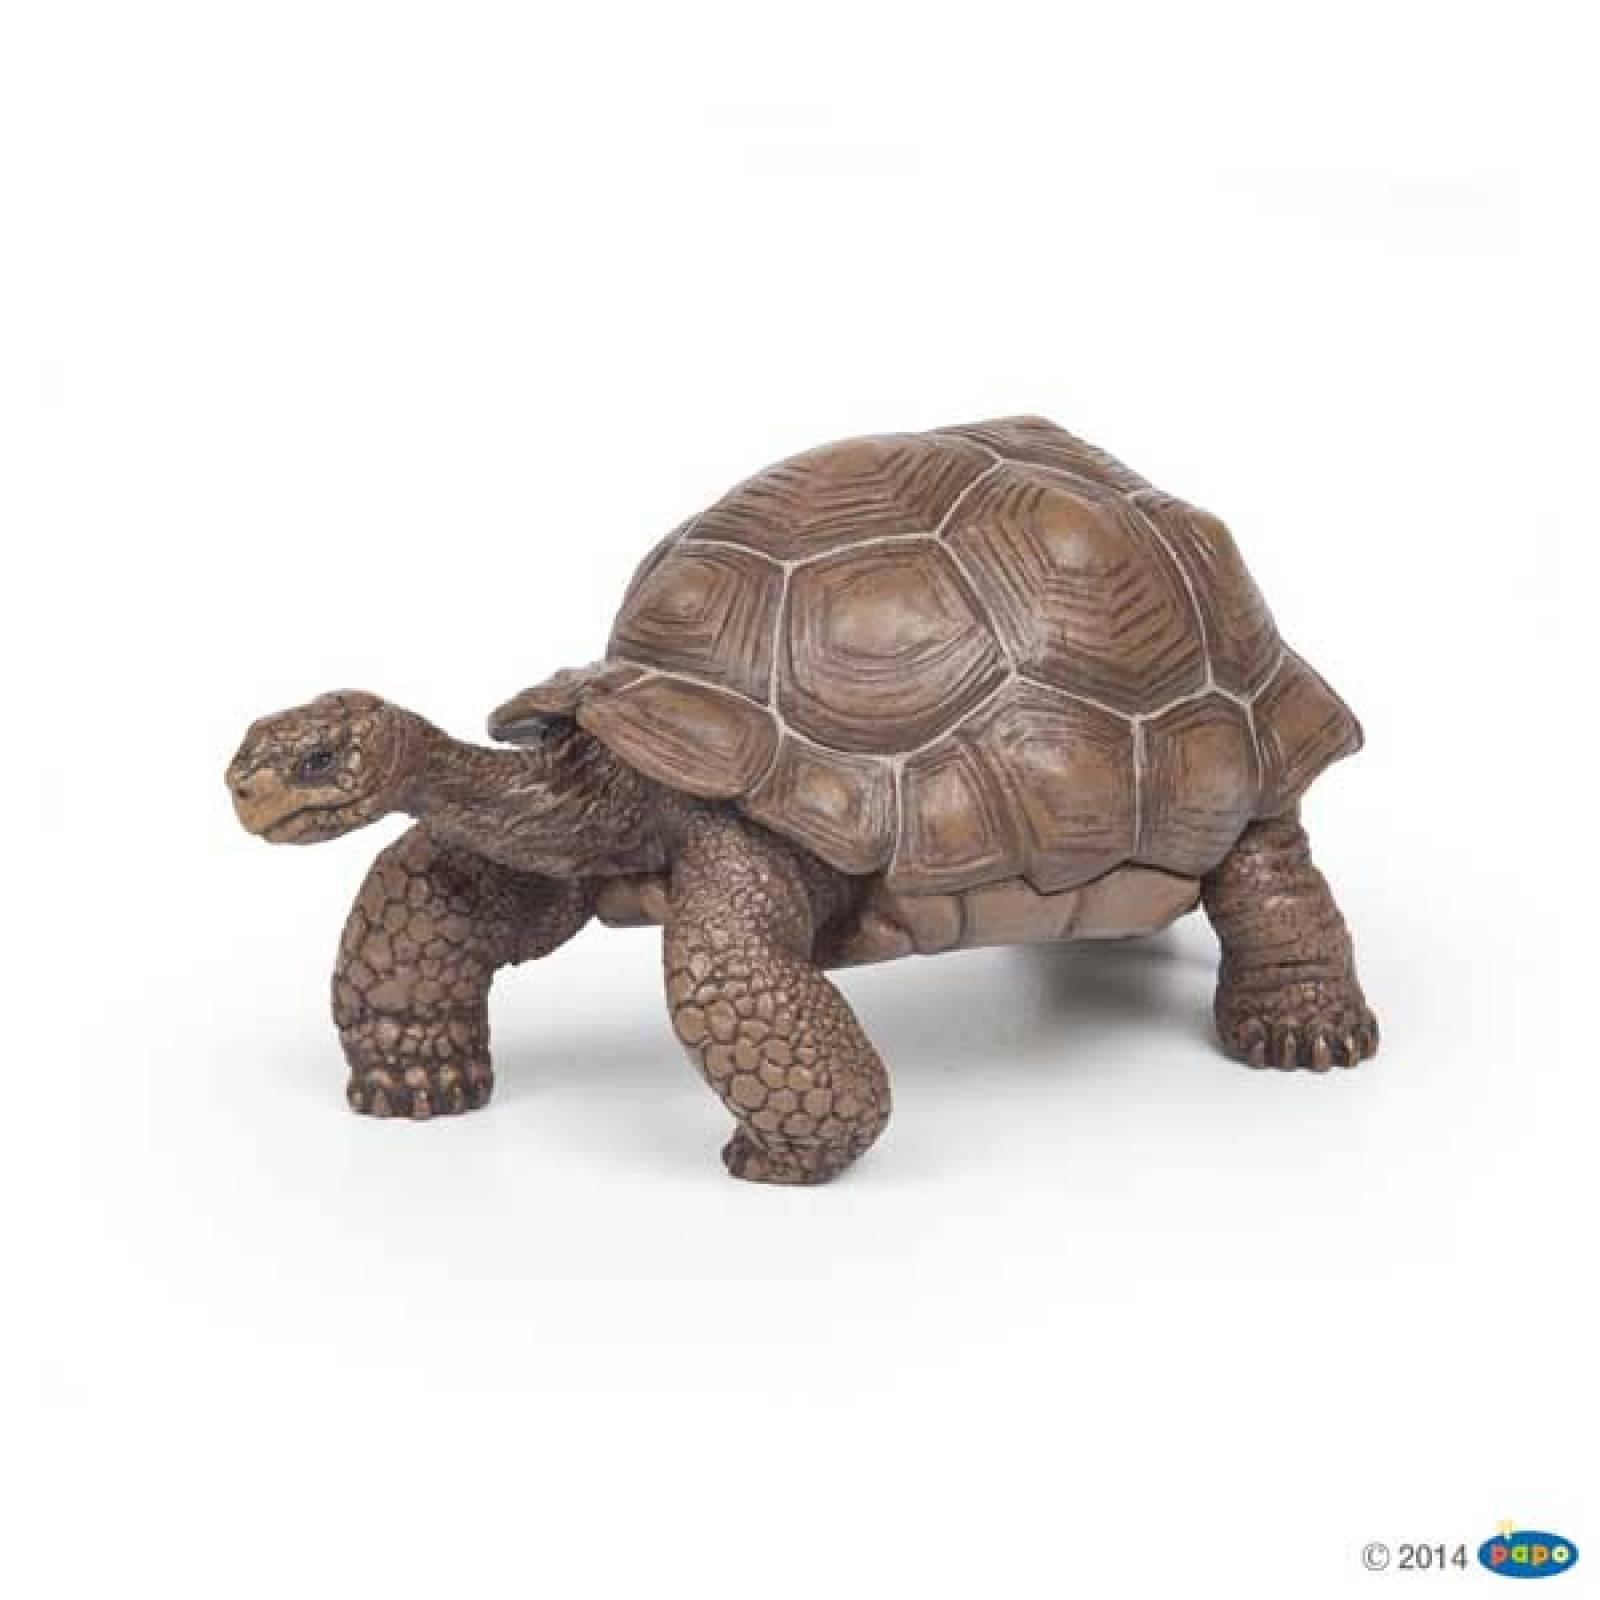 Galapagos Tortoise PAPO WILD ANIMAL